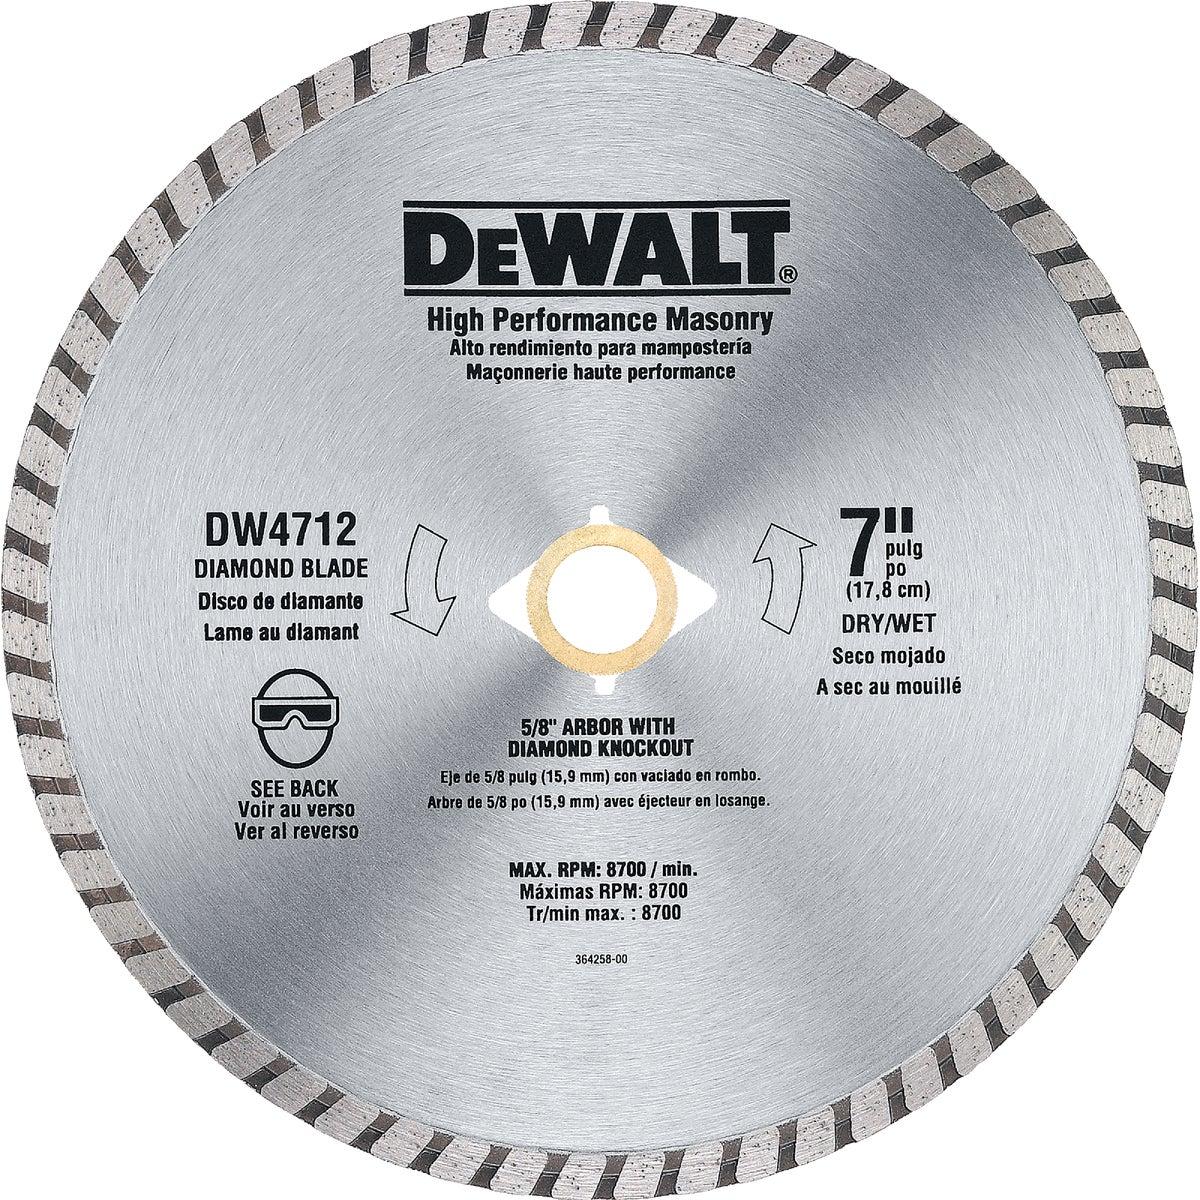 """7"""" HIPERF MASONRY BLADE - DW4712 by DeWalt"""